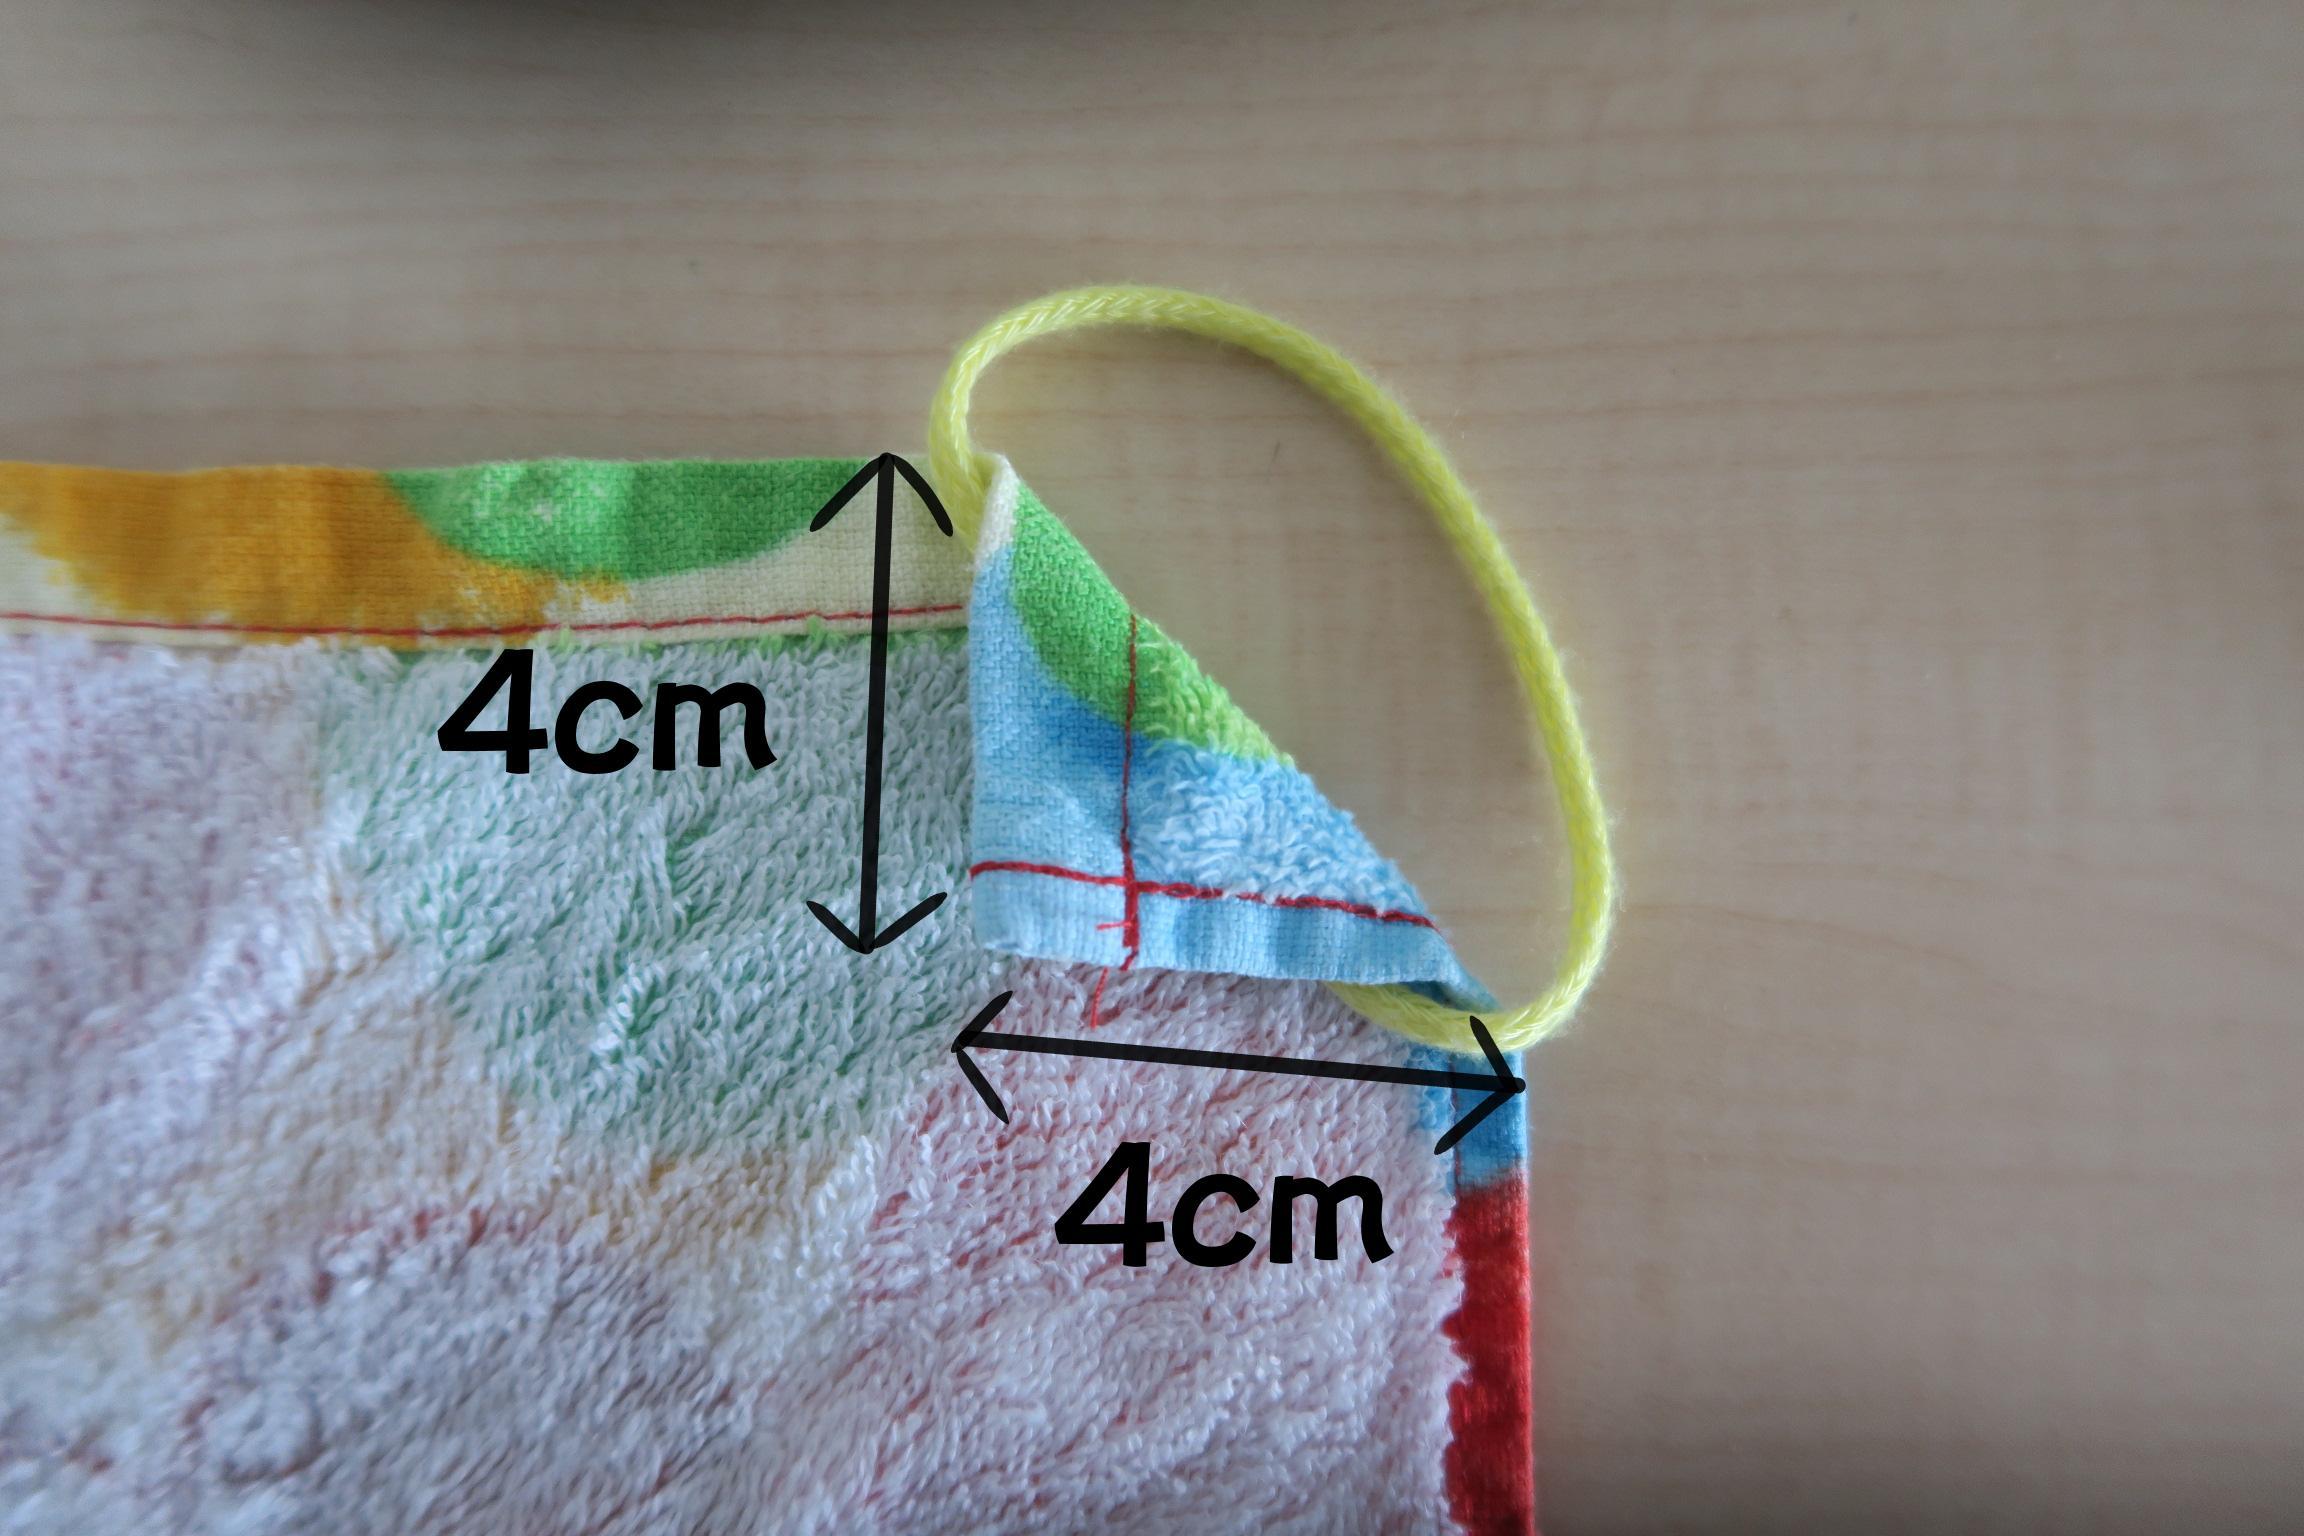 タオルを4cm折り曲げる